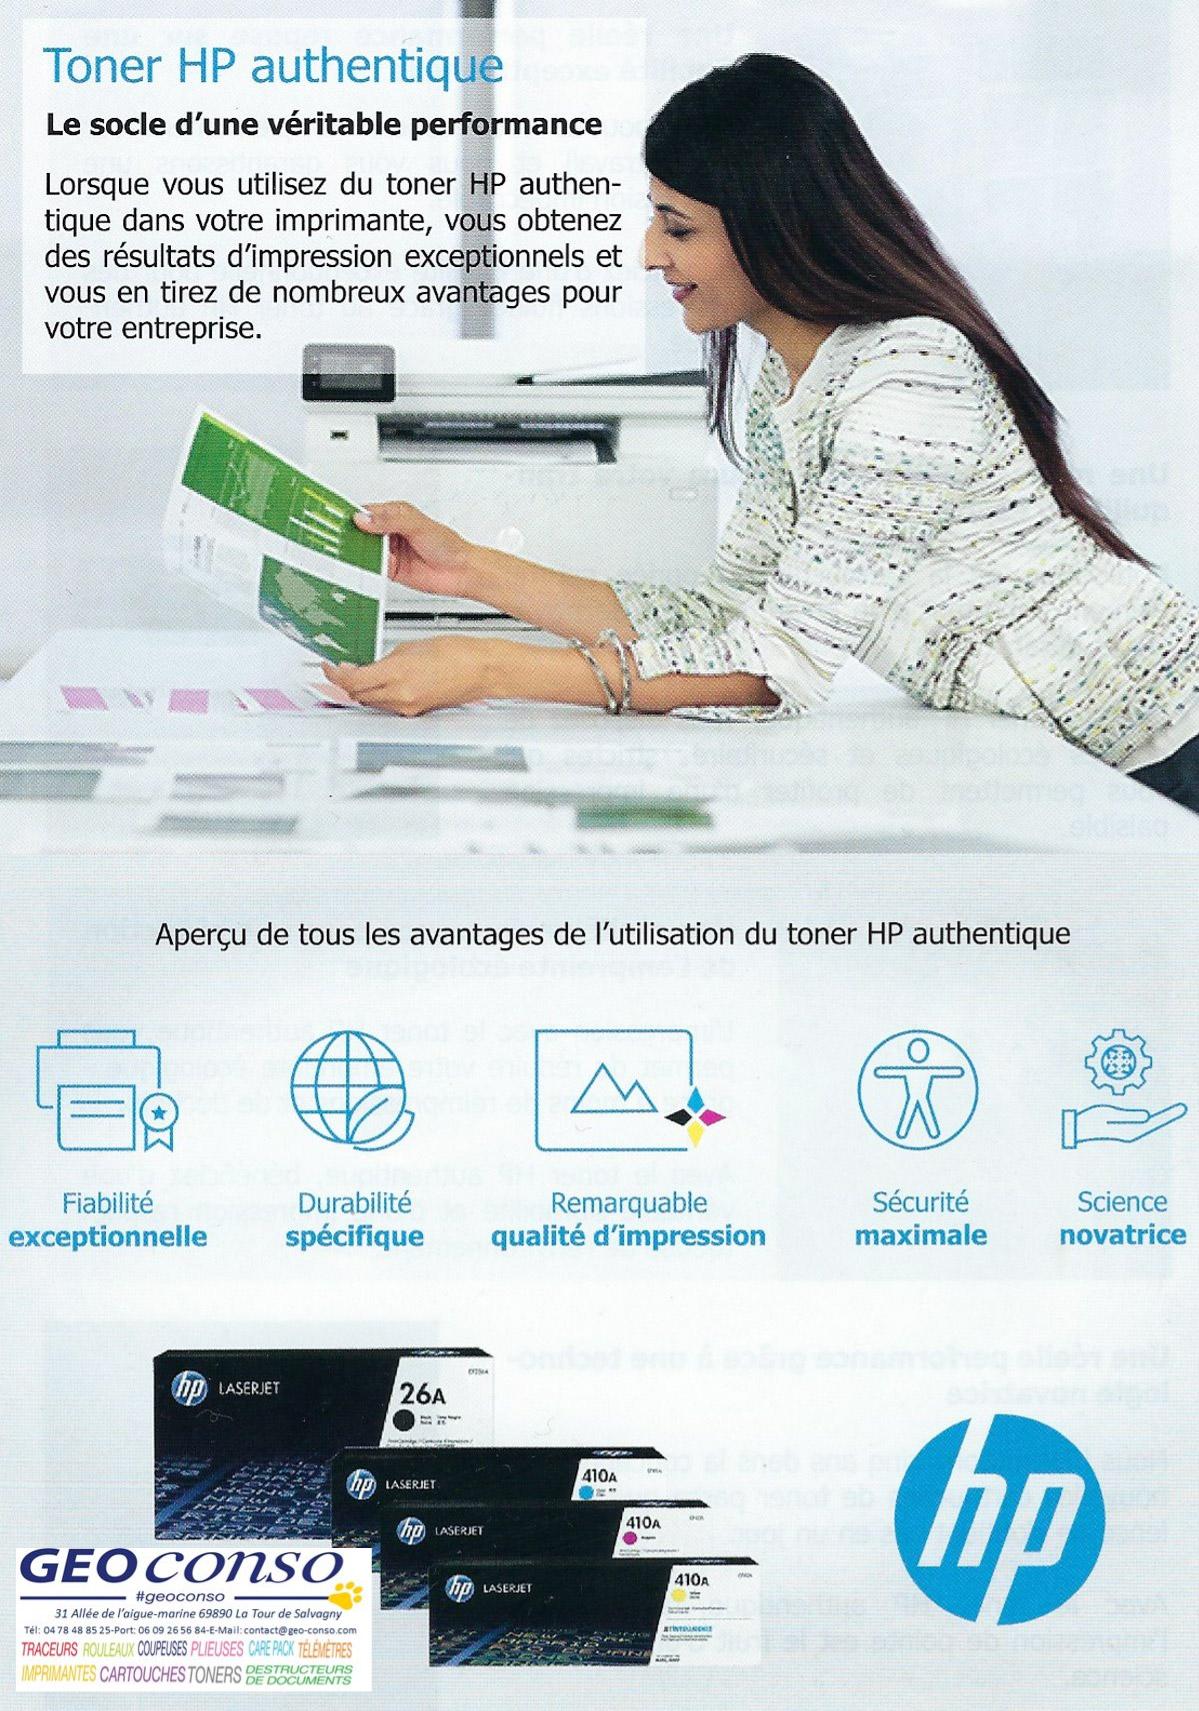 HP Toner Authentique